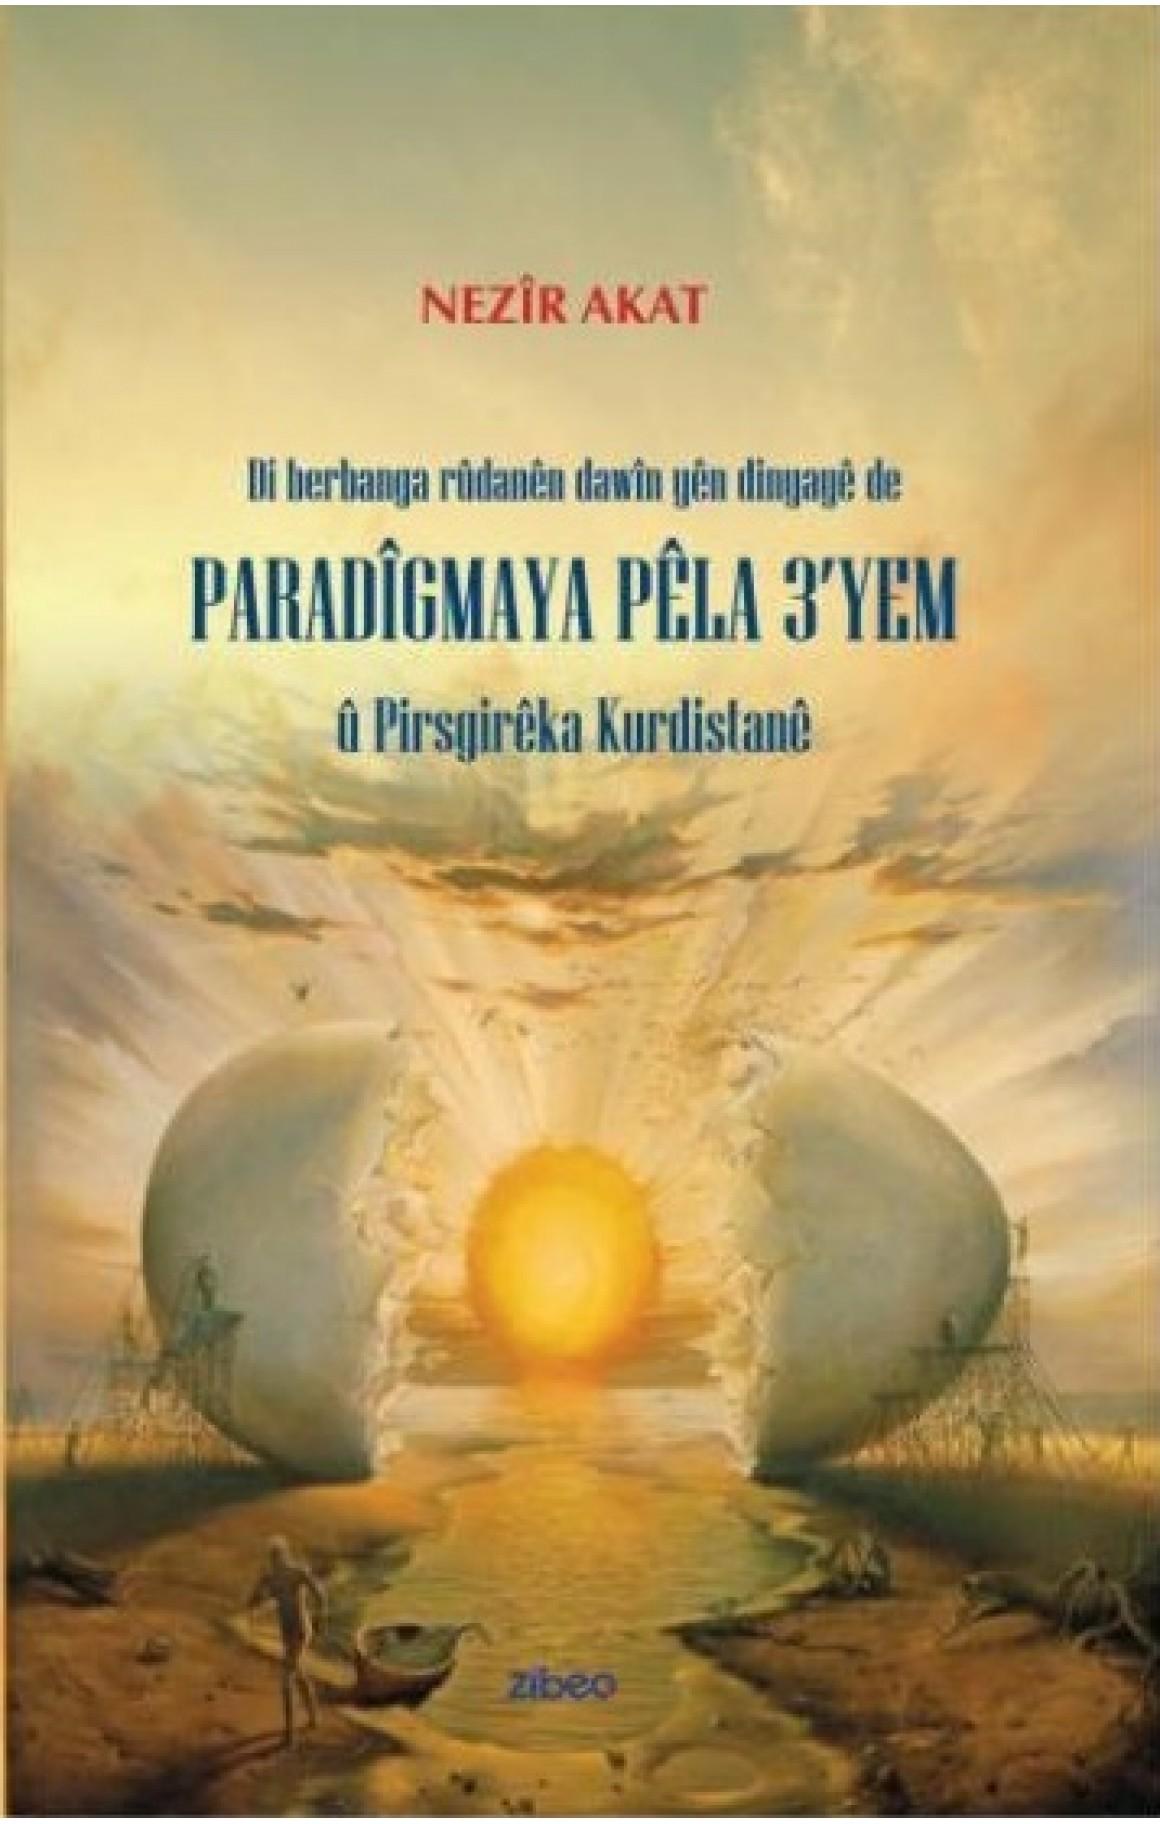 Paradigmaya Pêla 3yem û Pirsgirêka Kurdistanê